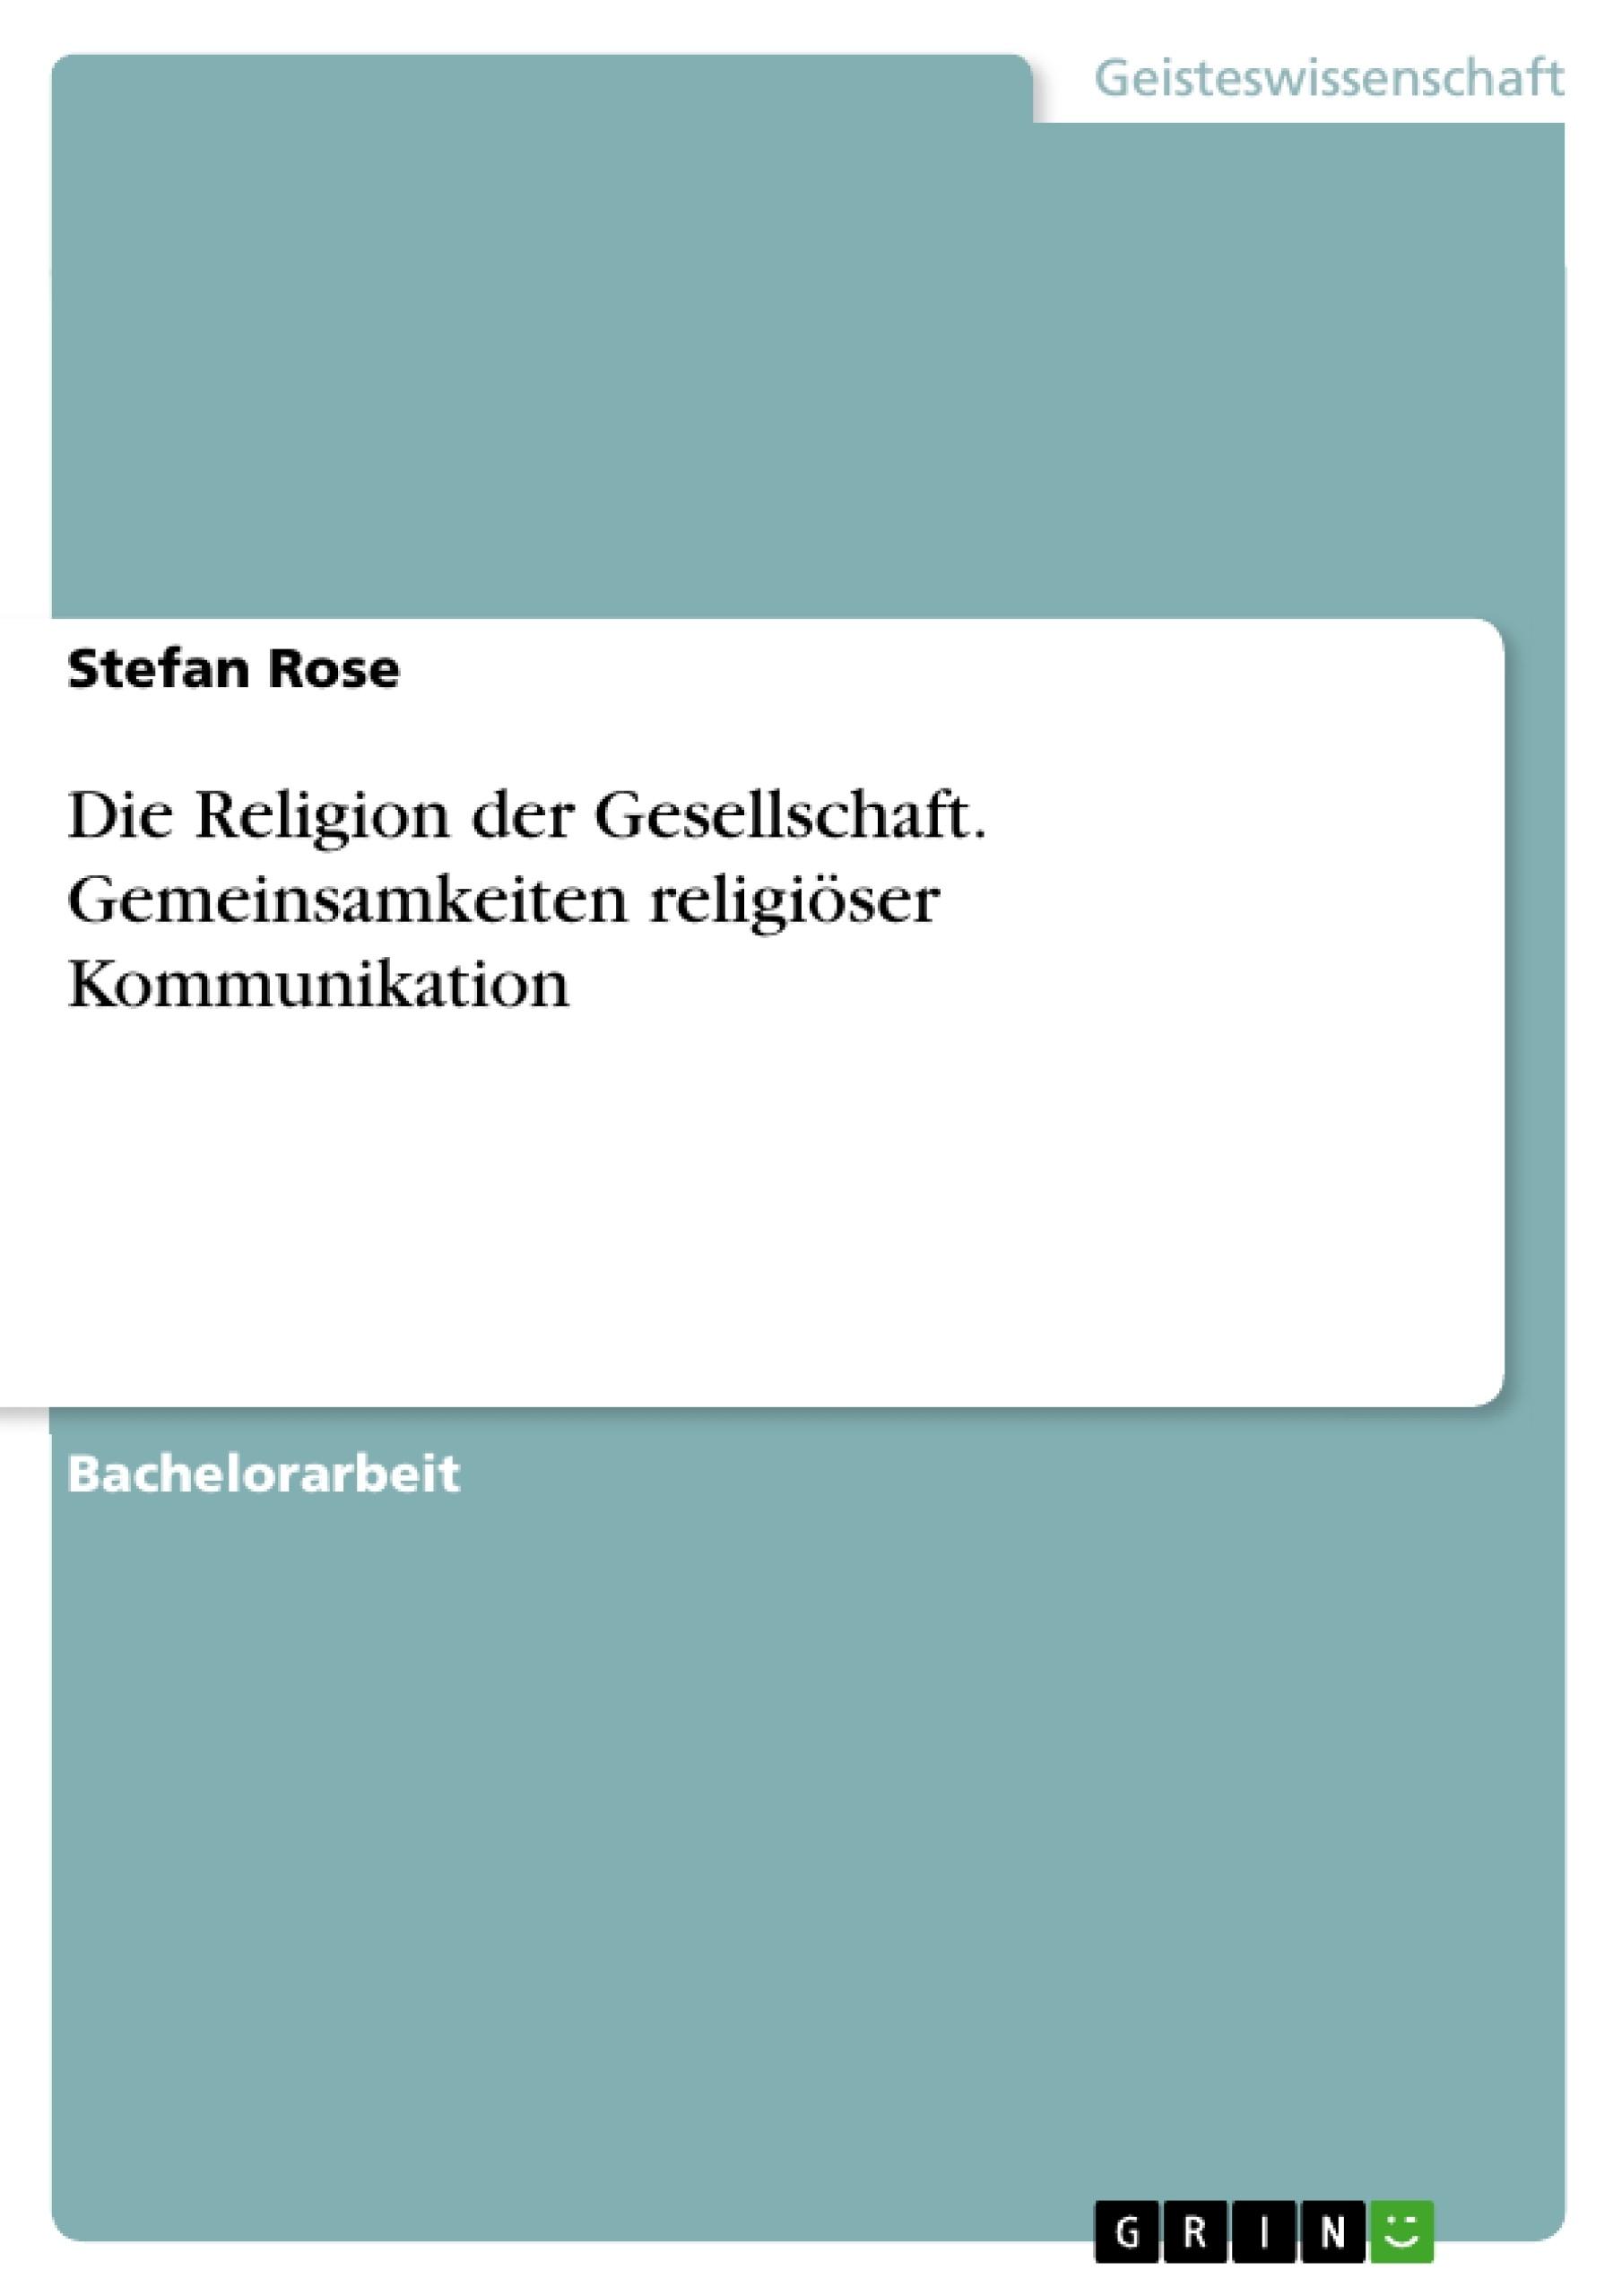 Titel: Die Religion der Gesellschaft. Gemeinsamkeiten religiöser Kommunikation